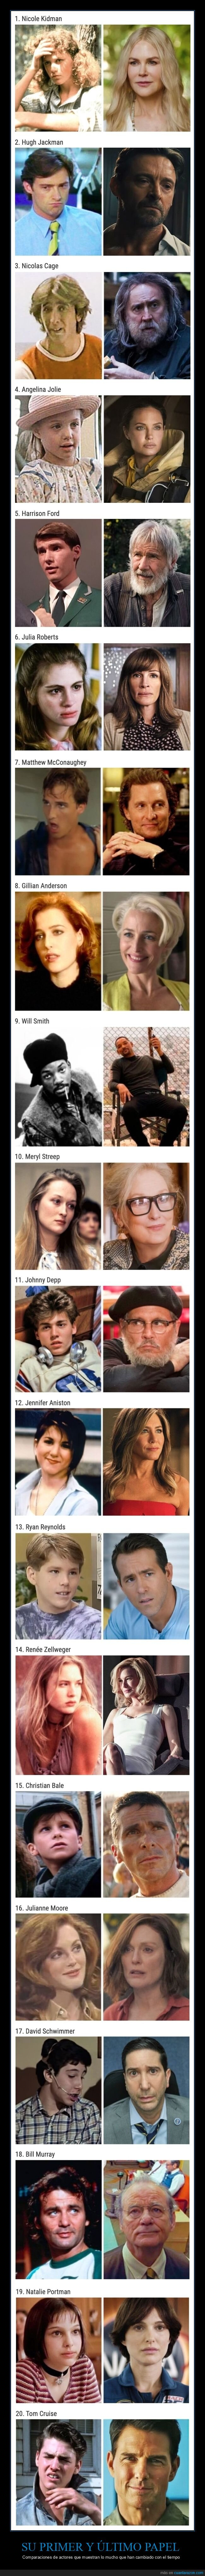 actores,ahora,antes,cine